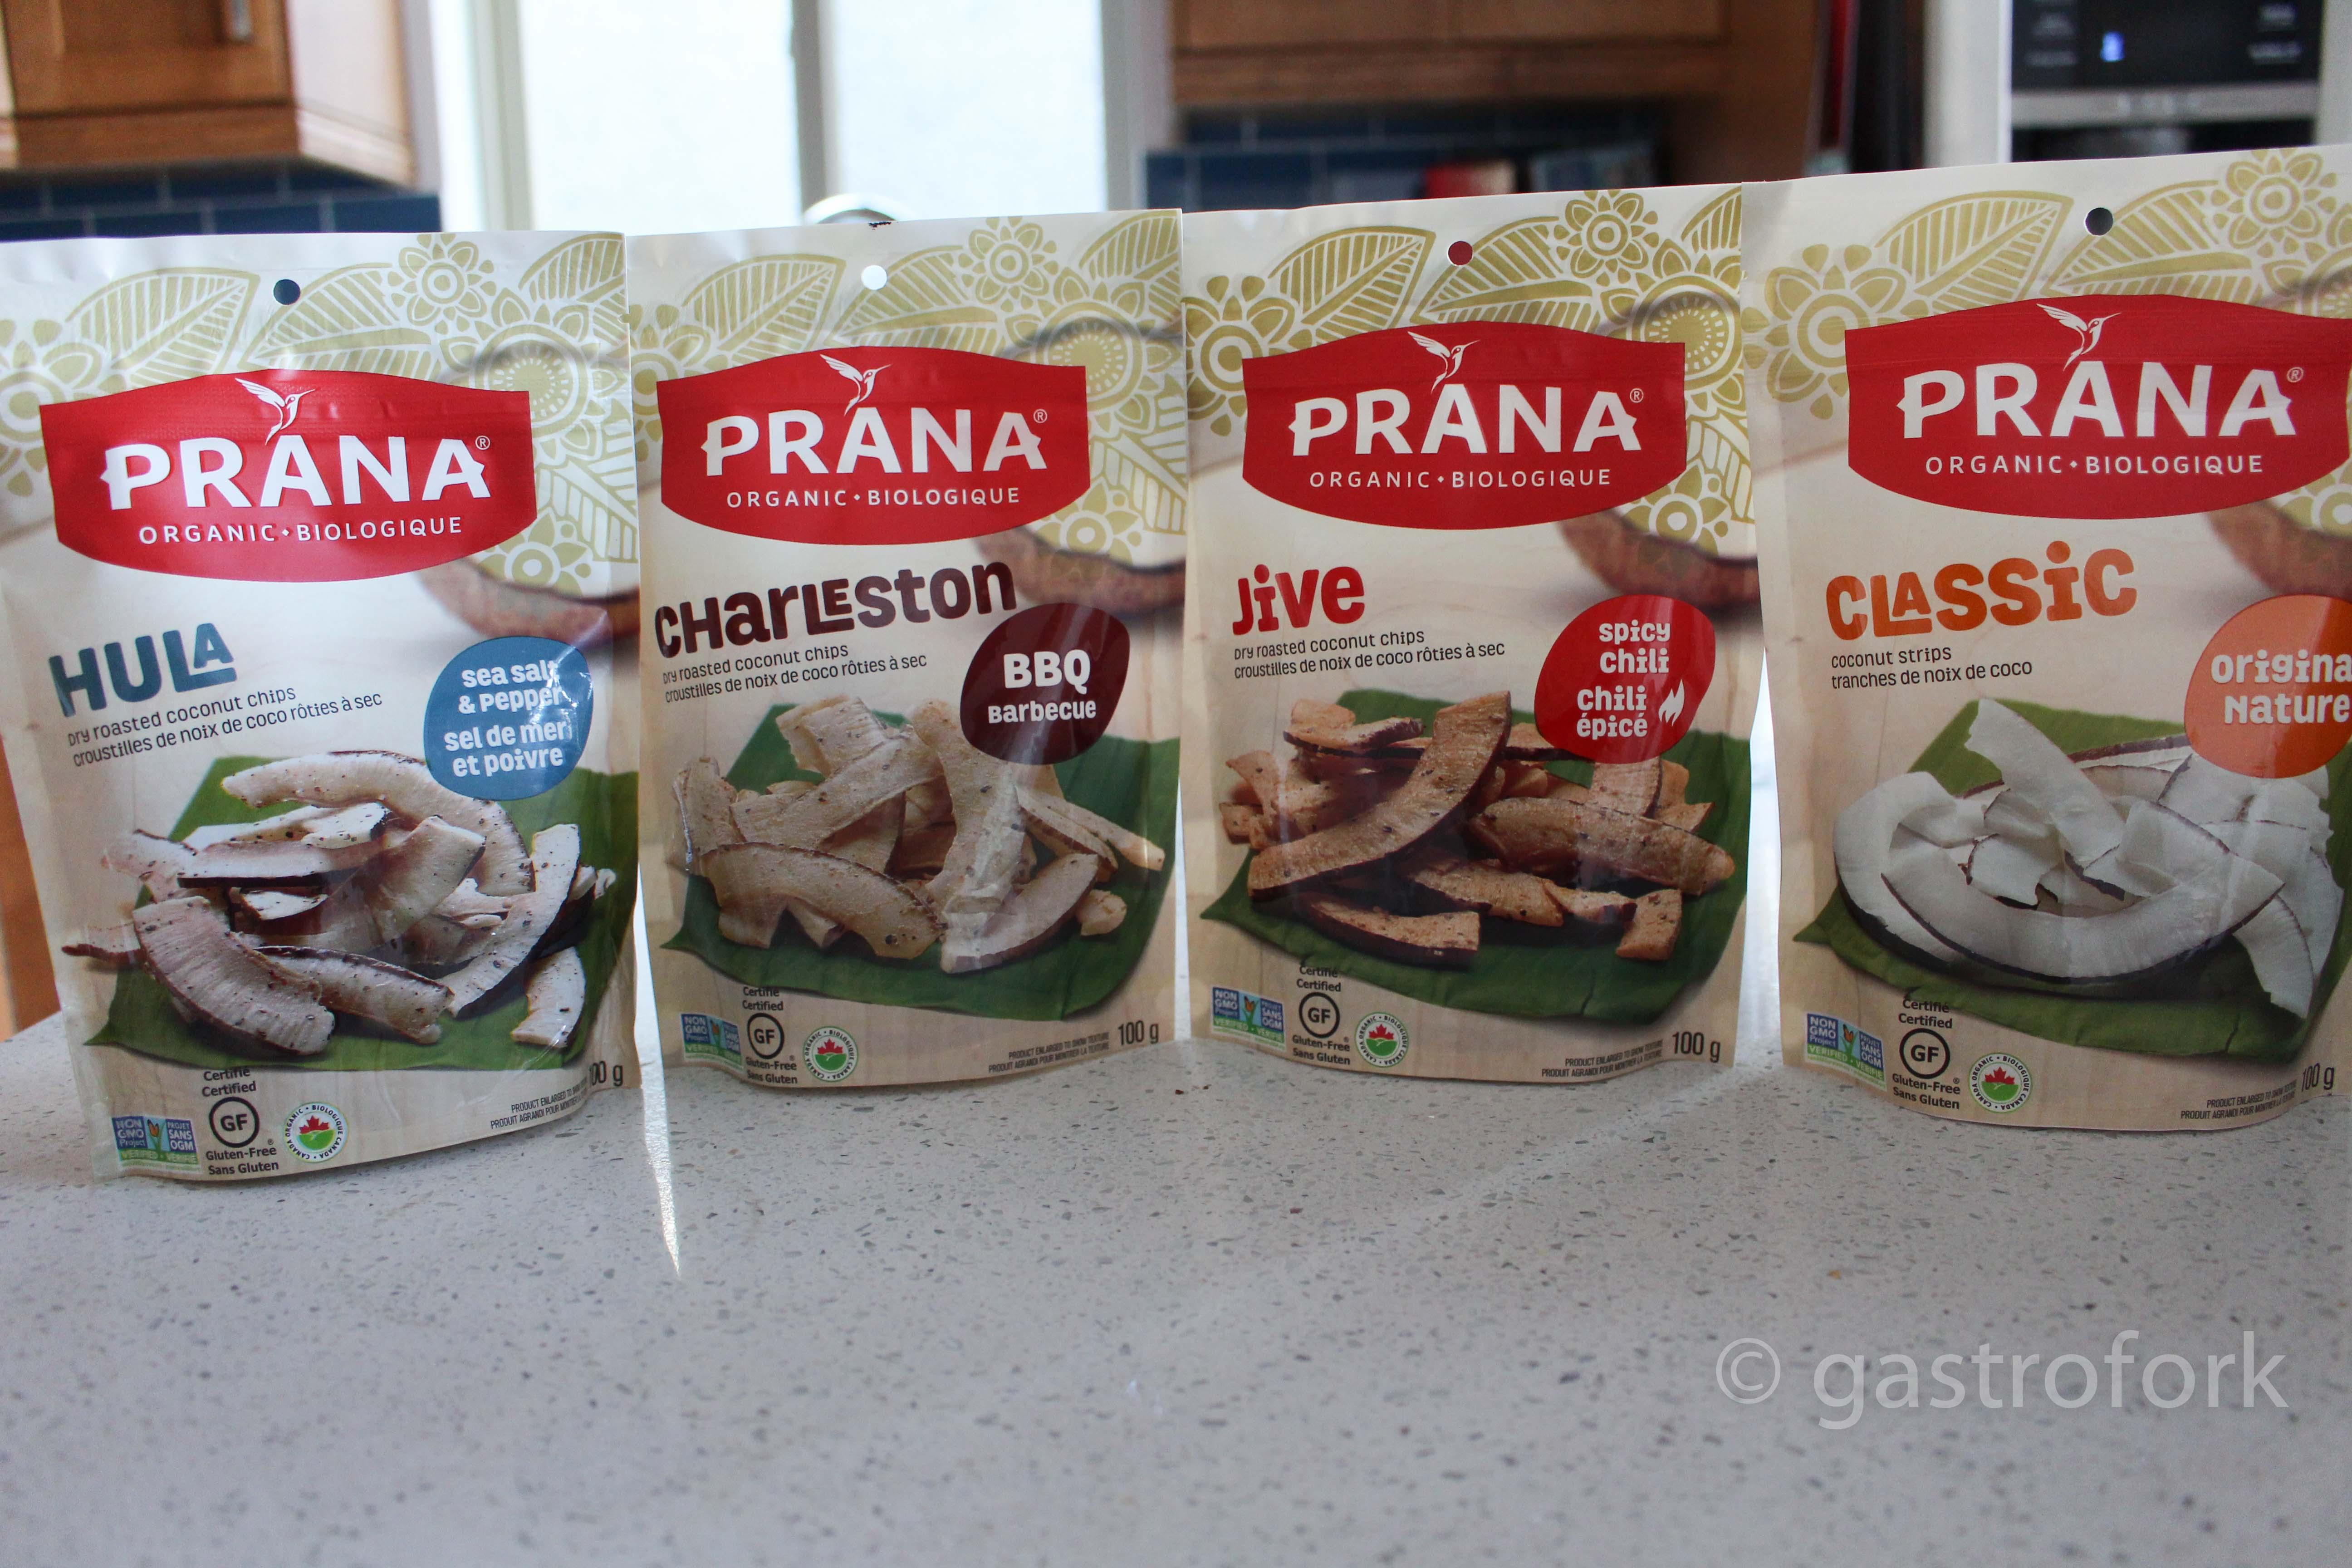 prana-9492